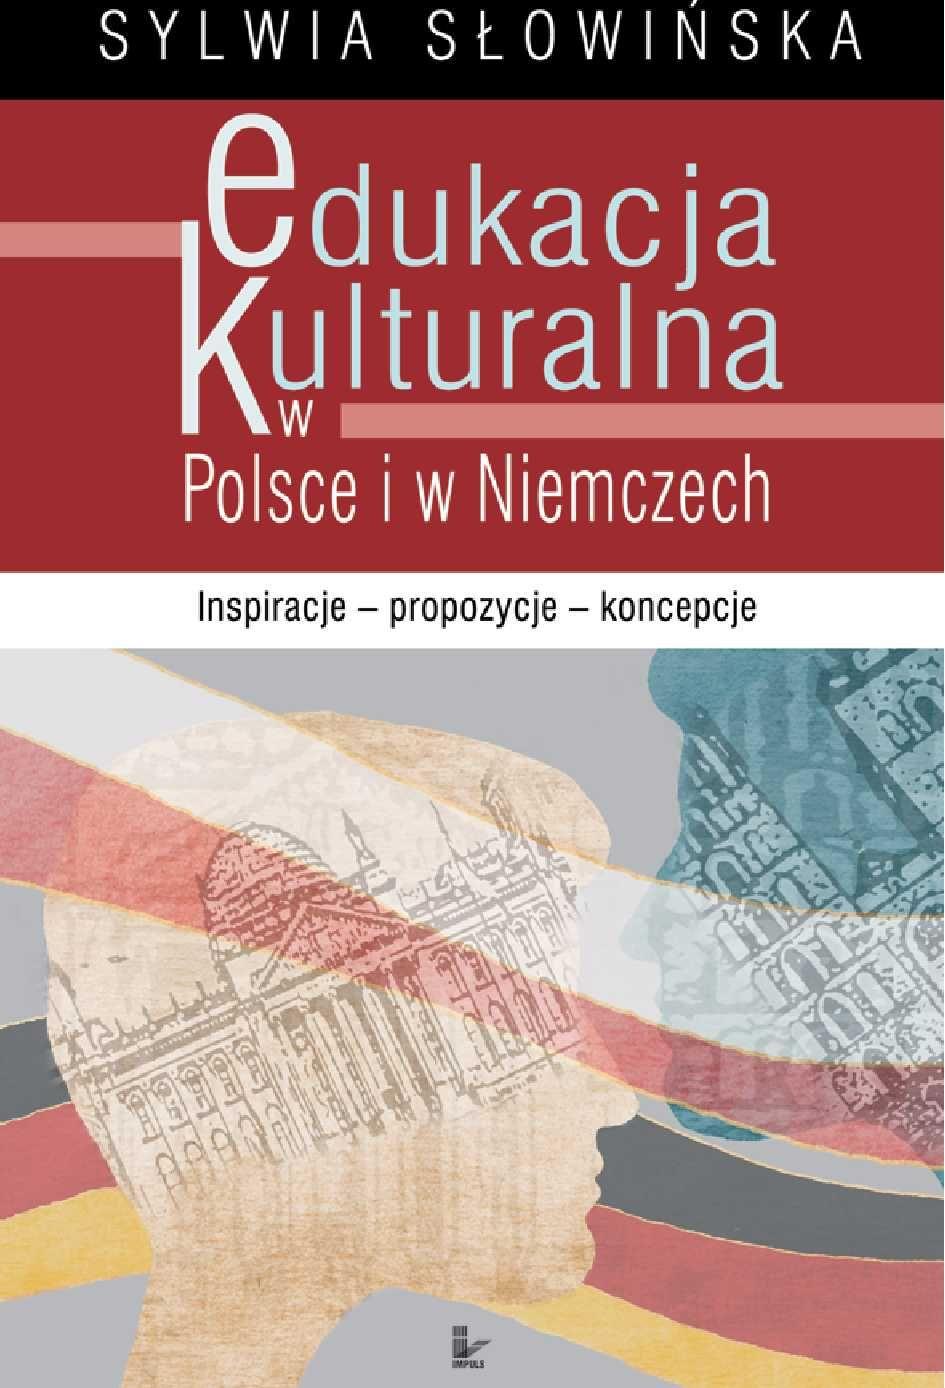 Edukacja kulturalna w Polsce i w Niemczech - Ebook (Książka PDF) do pobrania w formacie PDF